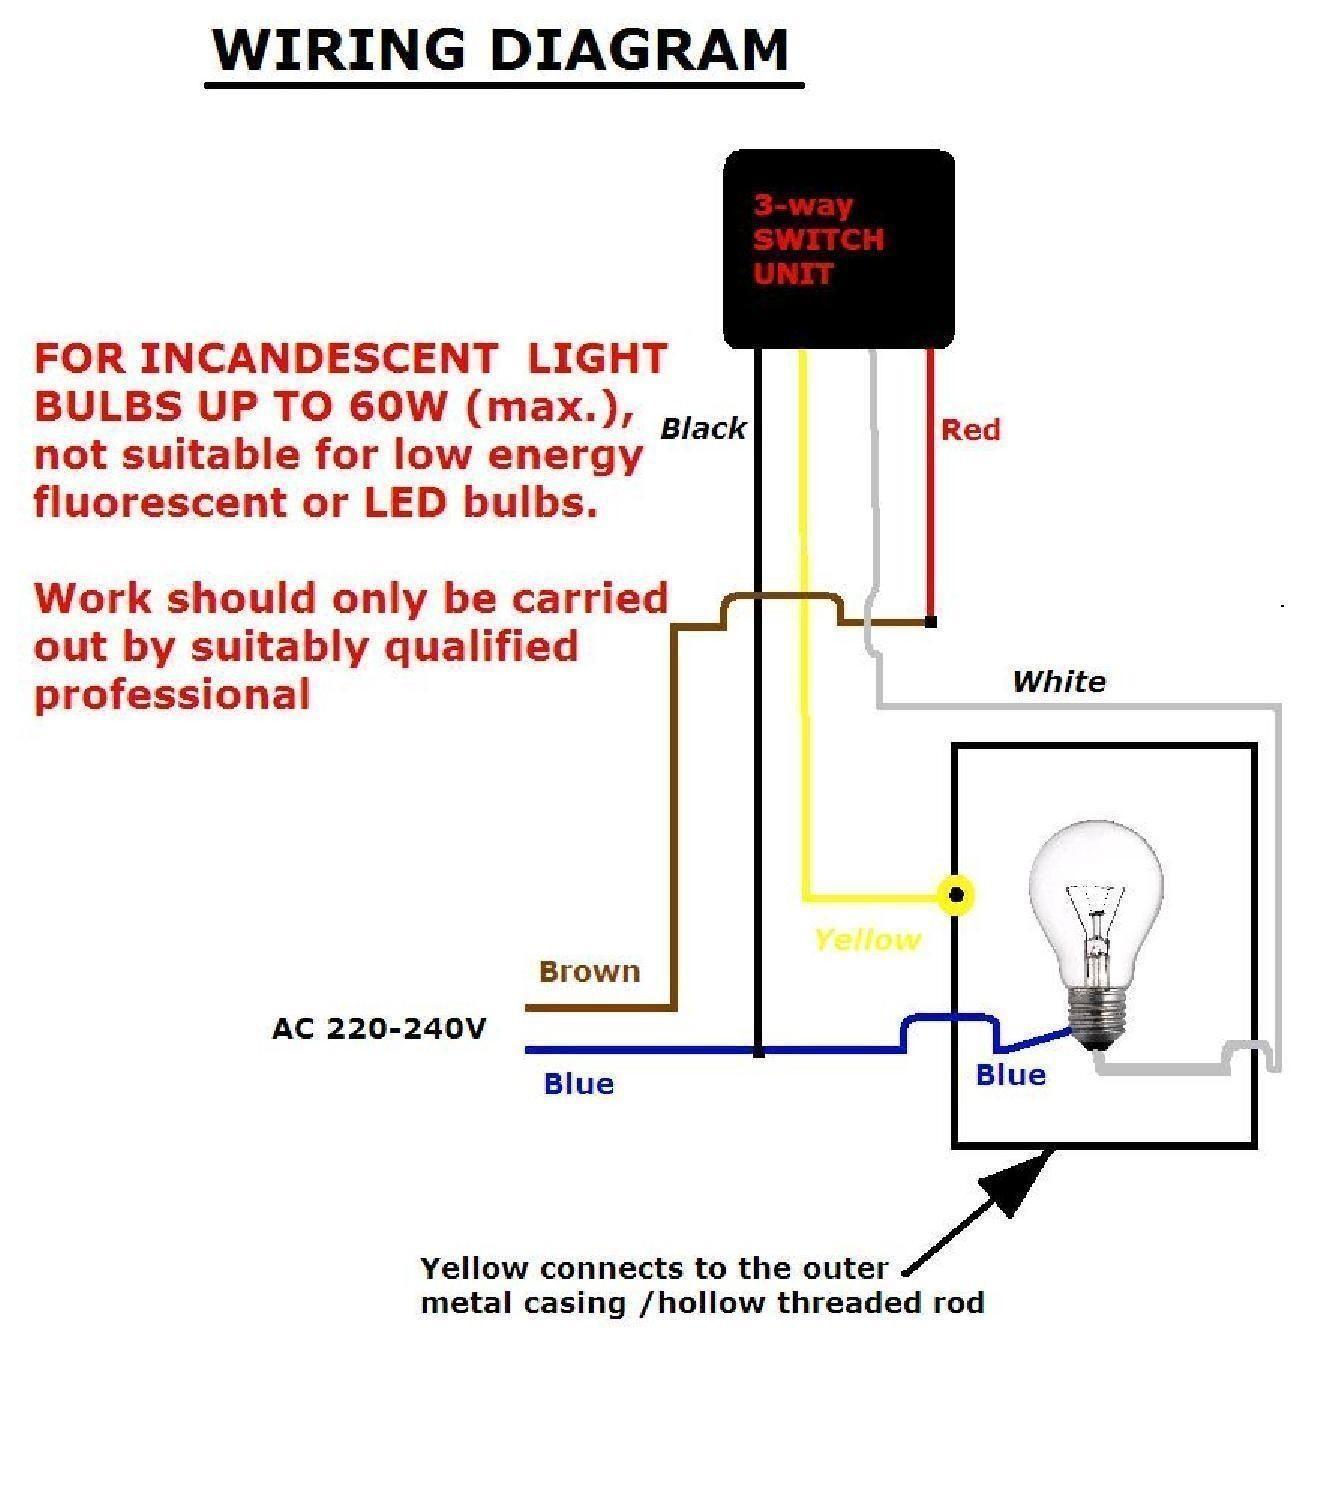 Diagram Diagramsample Diagramtemplate Wiringdiagram Diagramchart Worksheet Worksheettemplate Check Mor Incandescent Light Bulbs Diagram Chart Low Energy